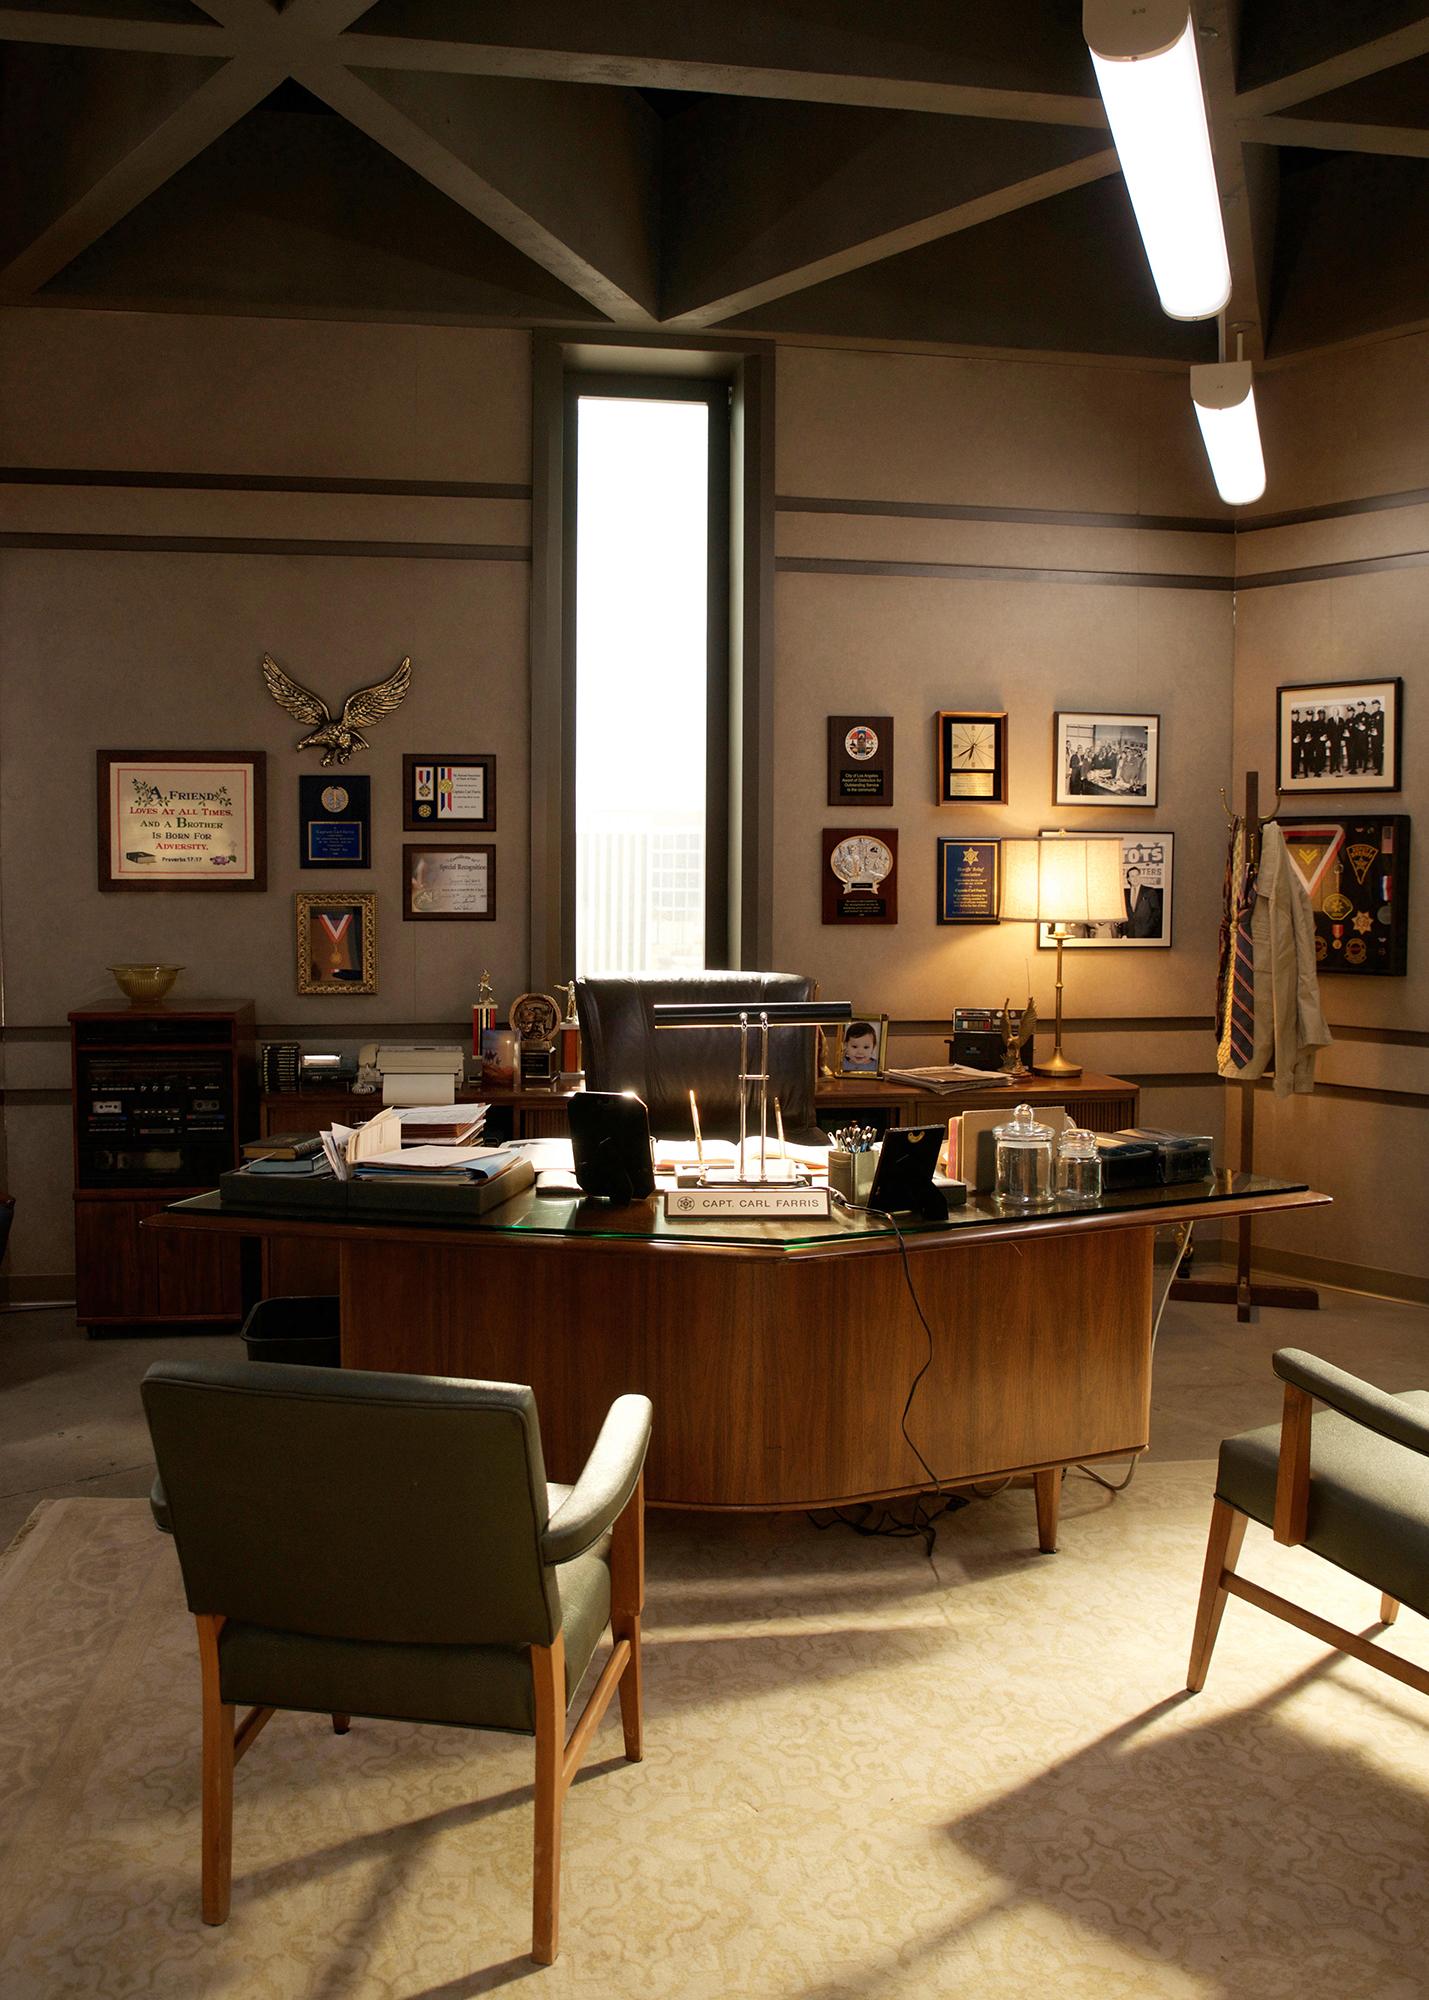 LA Sherriff's Office 2